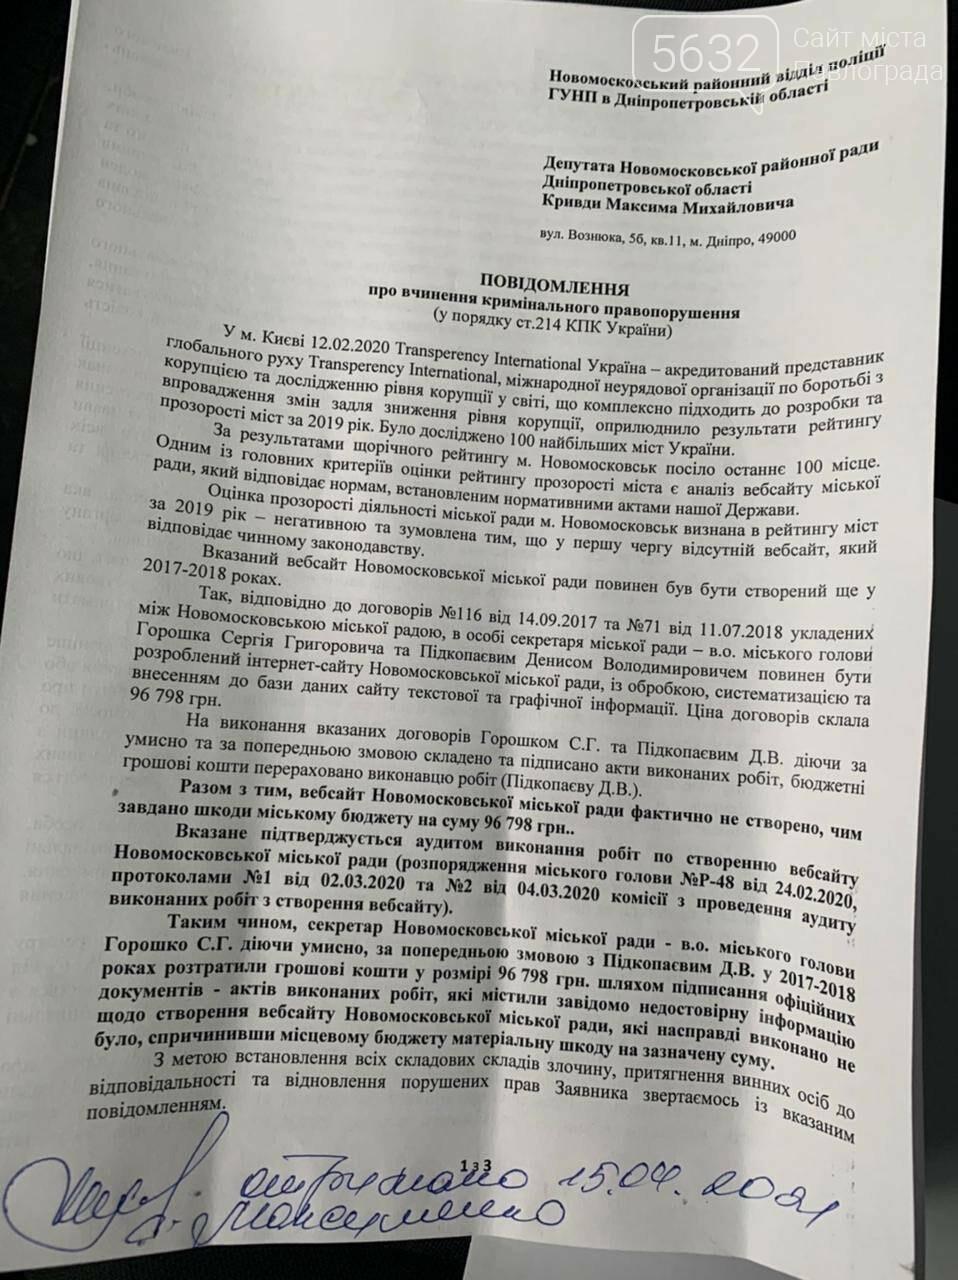 Коррупционный скандал на Днепропетровщине: в Новомосковске экс-секретарь городского совета обвиняется в растрате бюджетных средств, фото-1